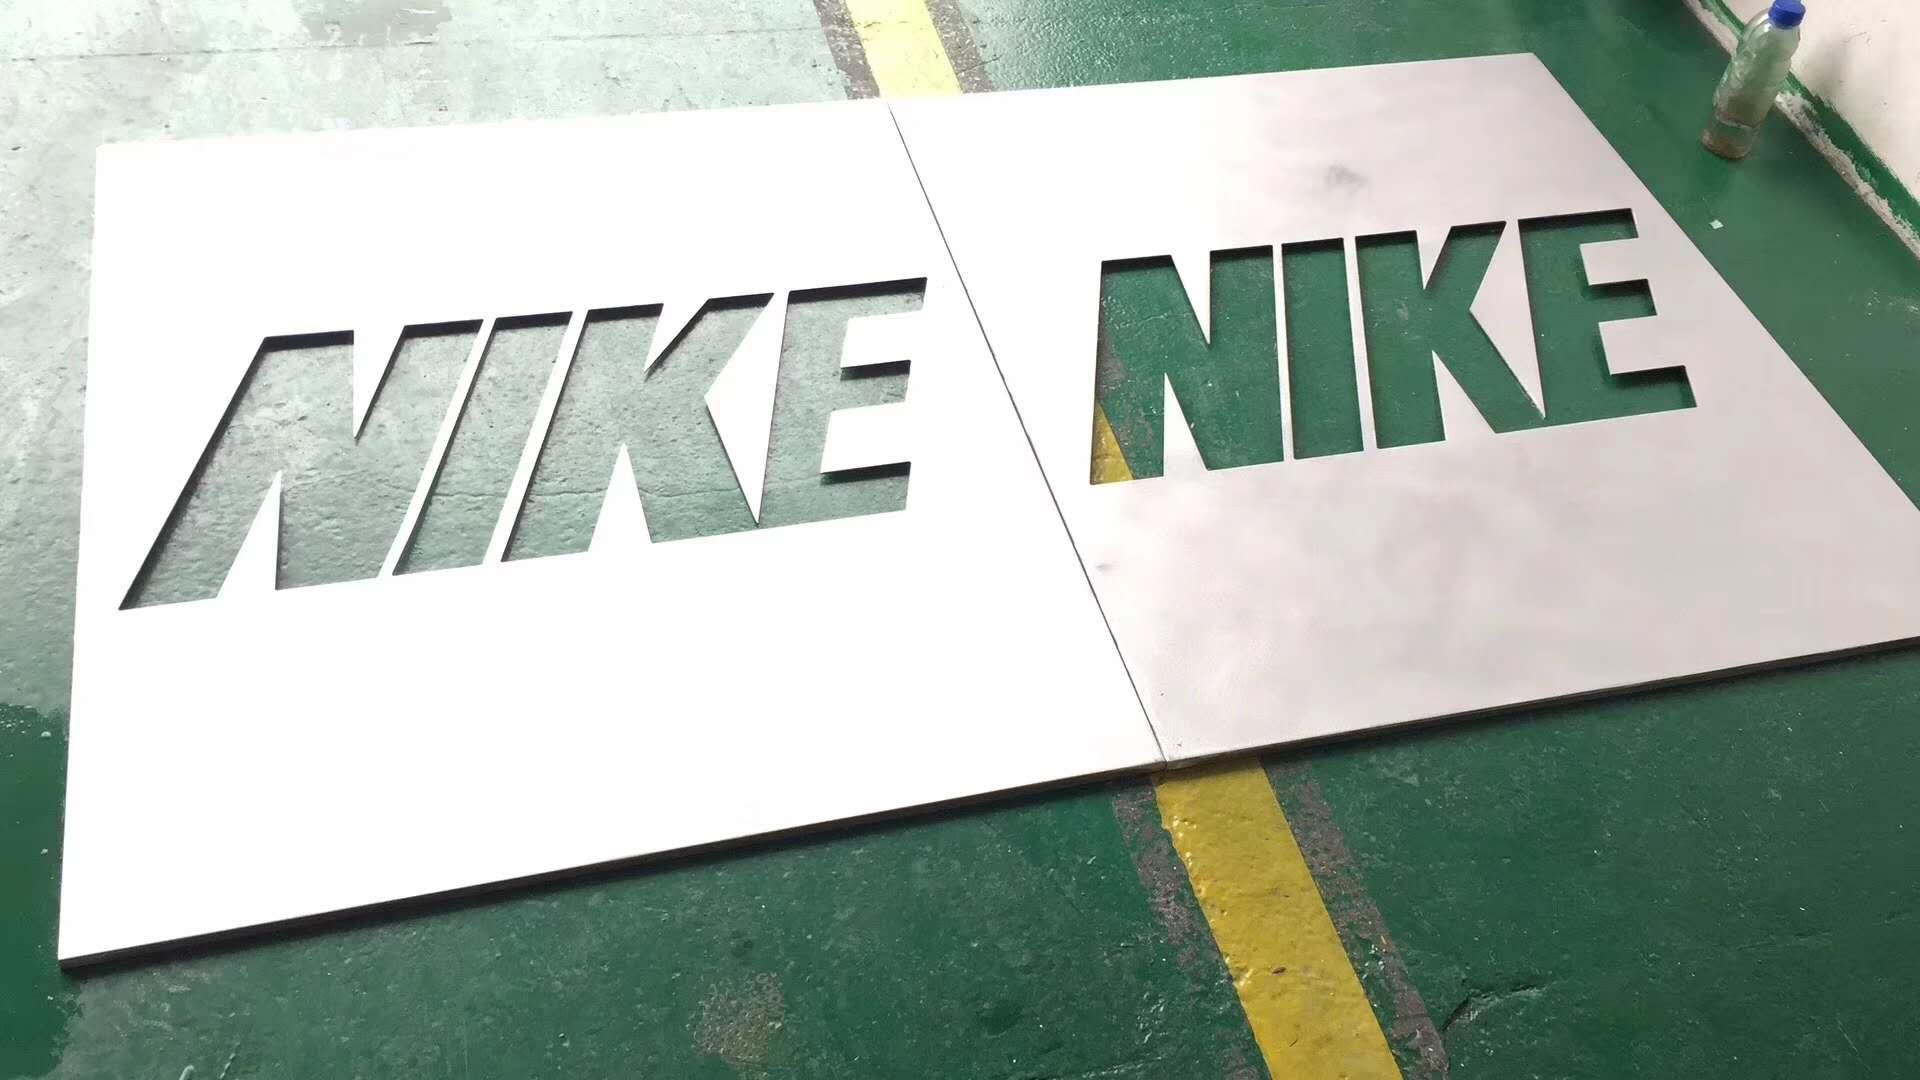 雕刻字母铝板-树形无孔铝板